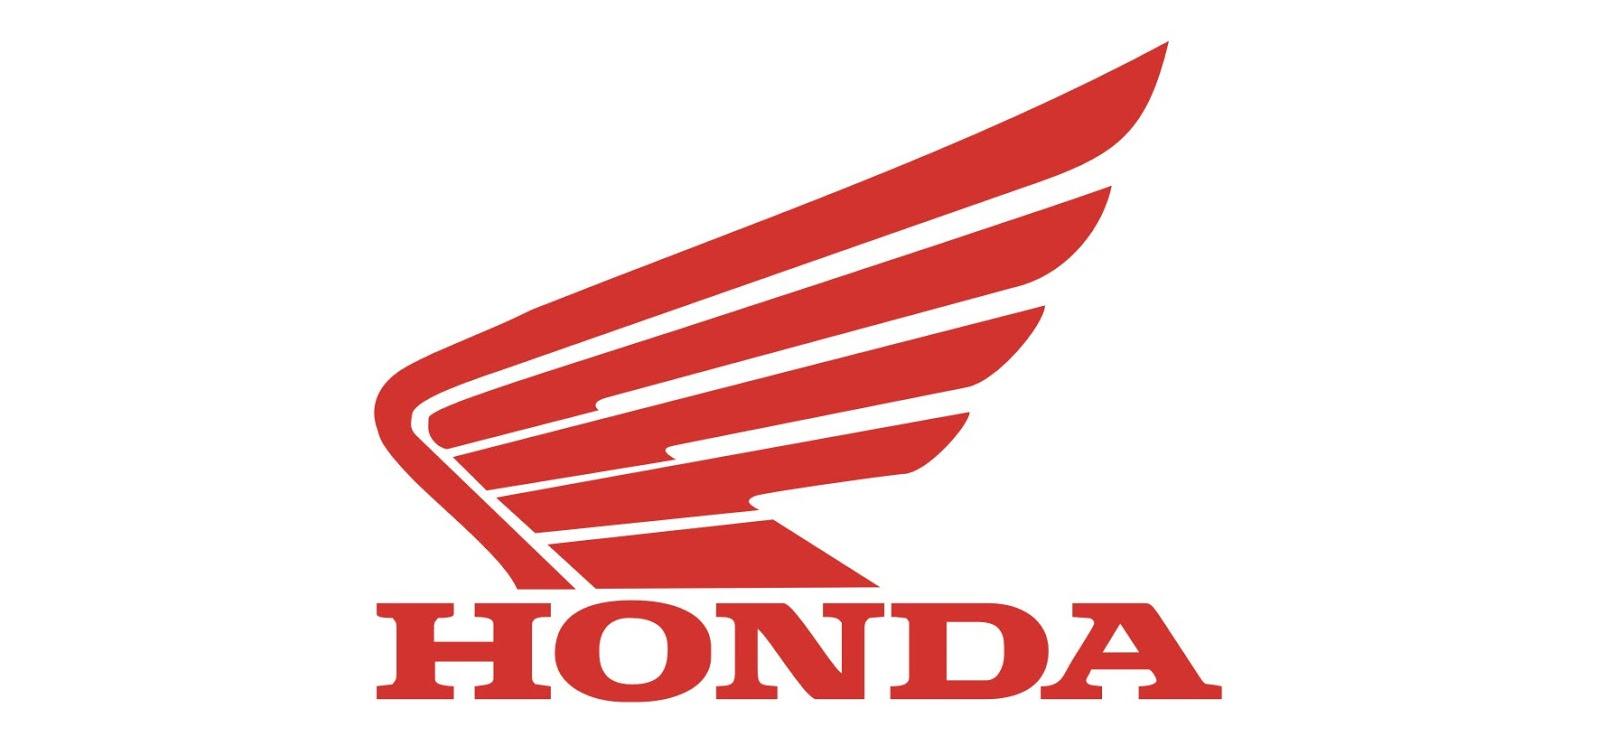 La deriva en la gama alta de Honda en los últimos años